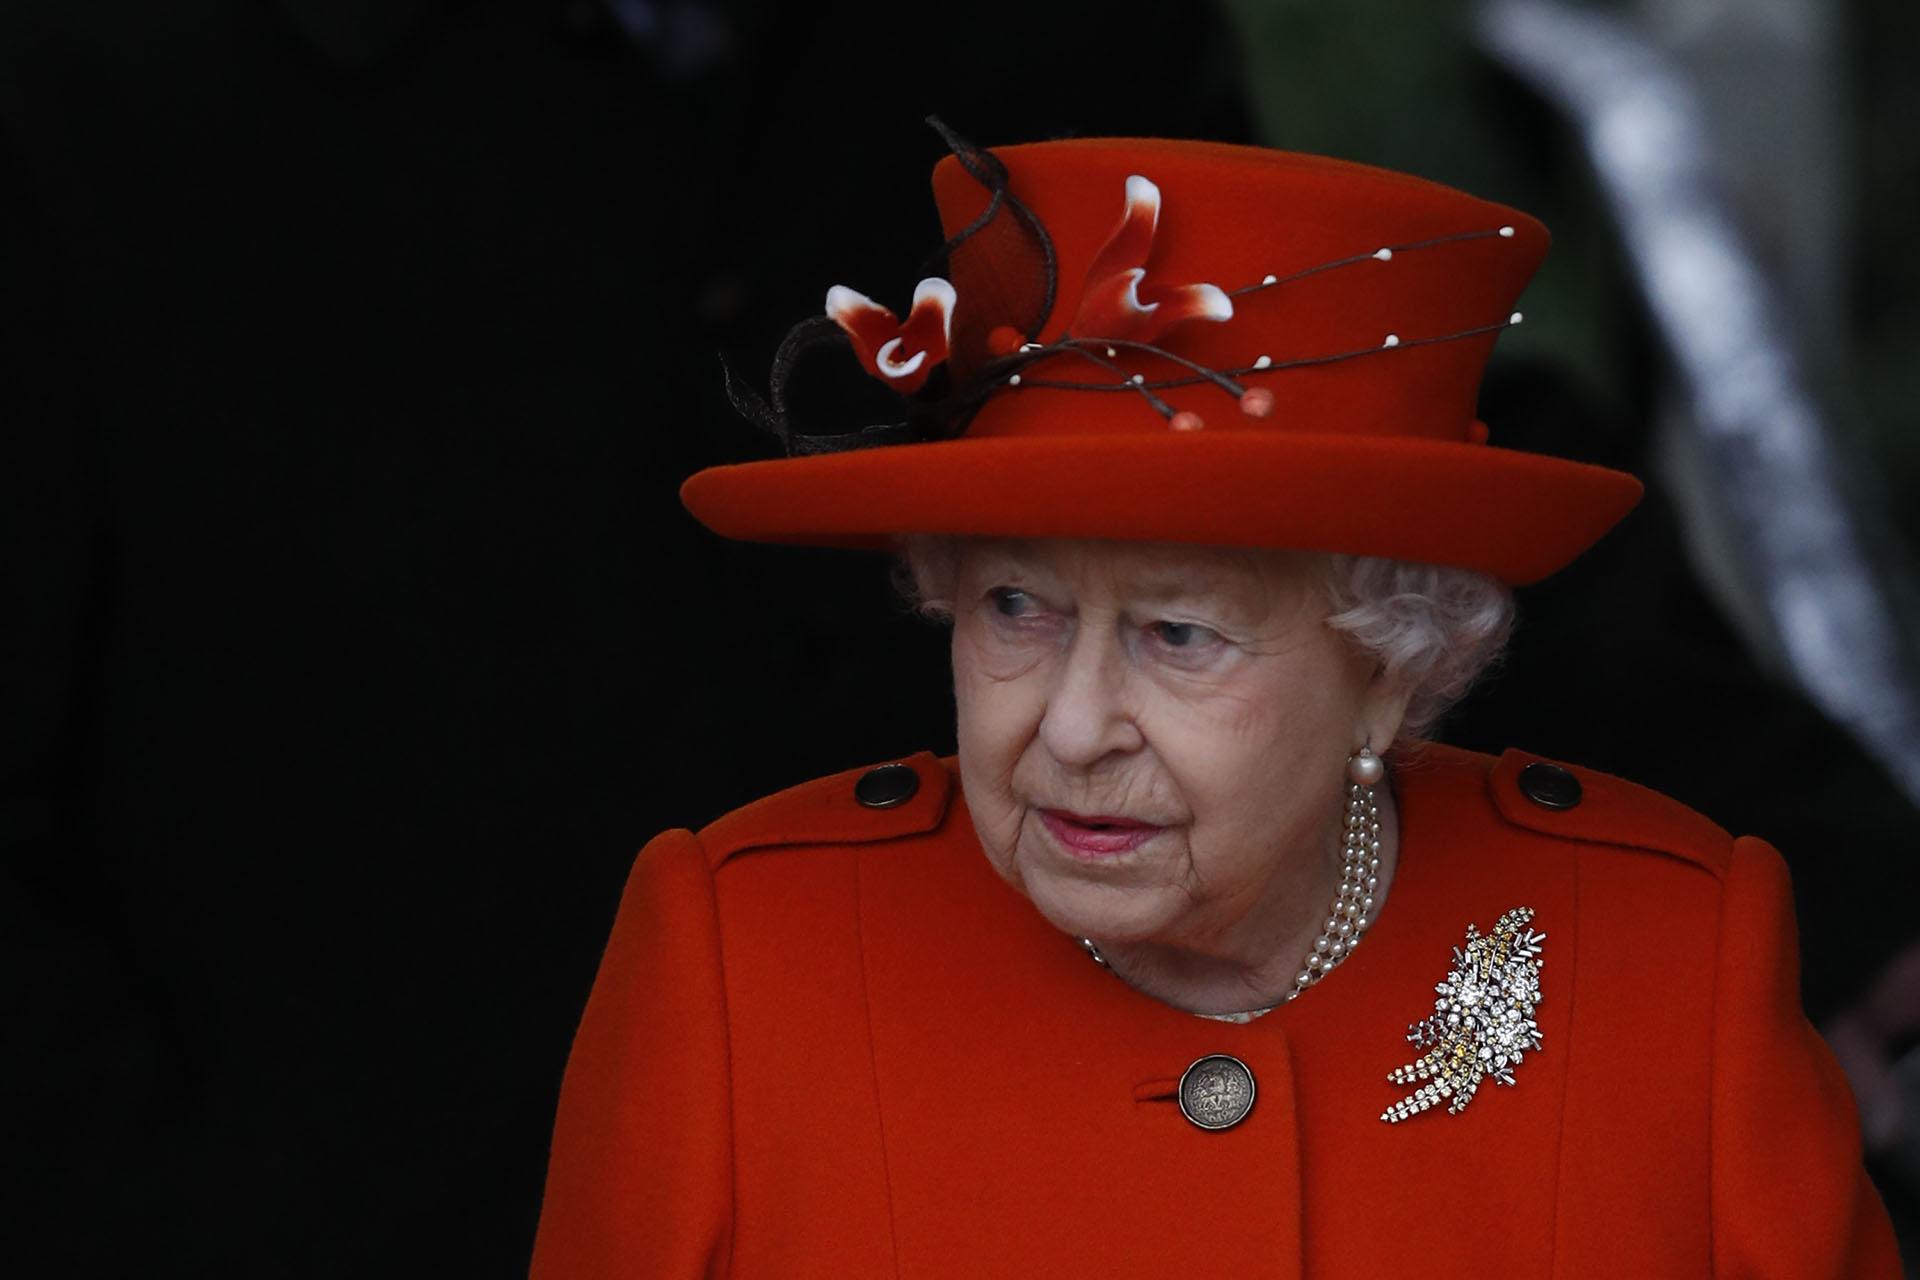 Un primer plano del estilismo navideño de la reina